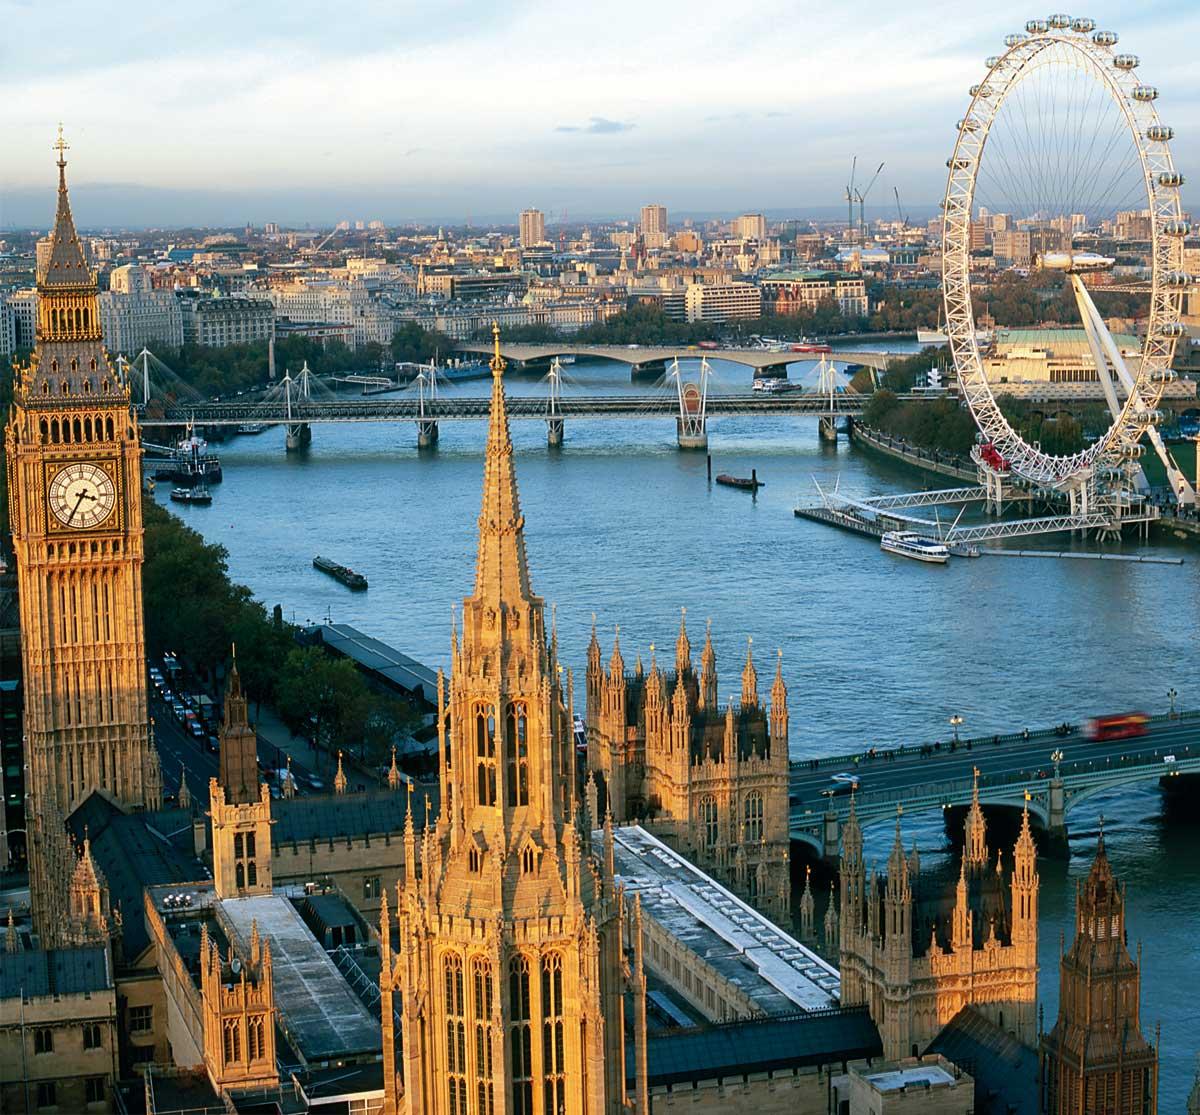 Séjour linguistique anglais : optez pour un hébergement économique